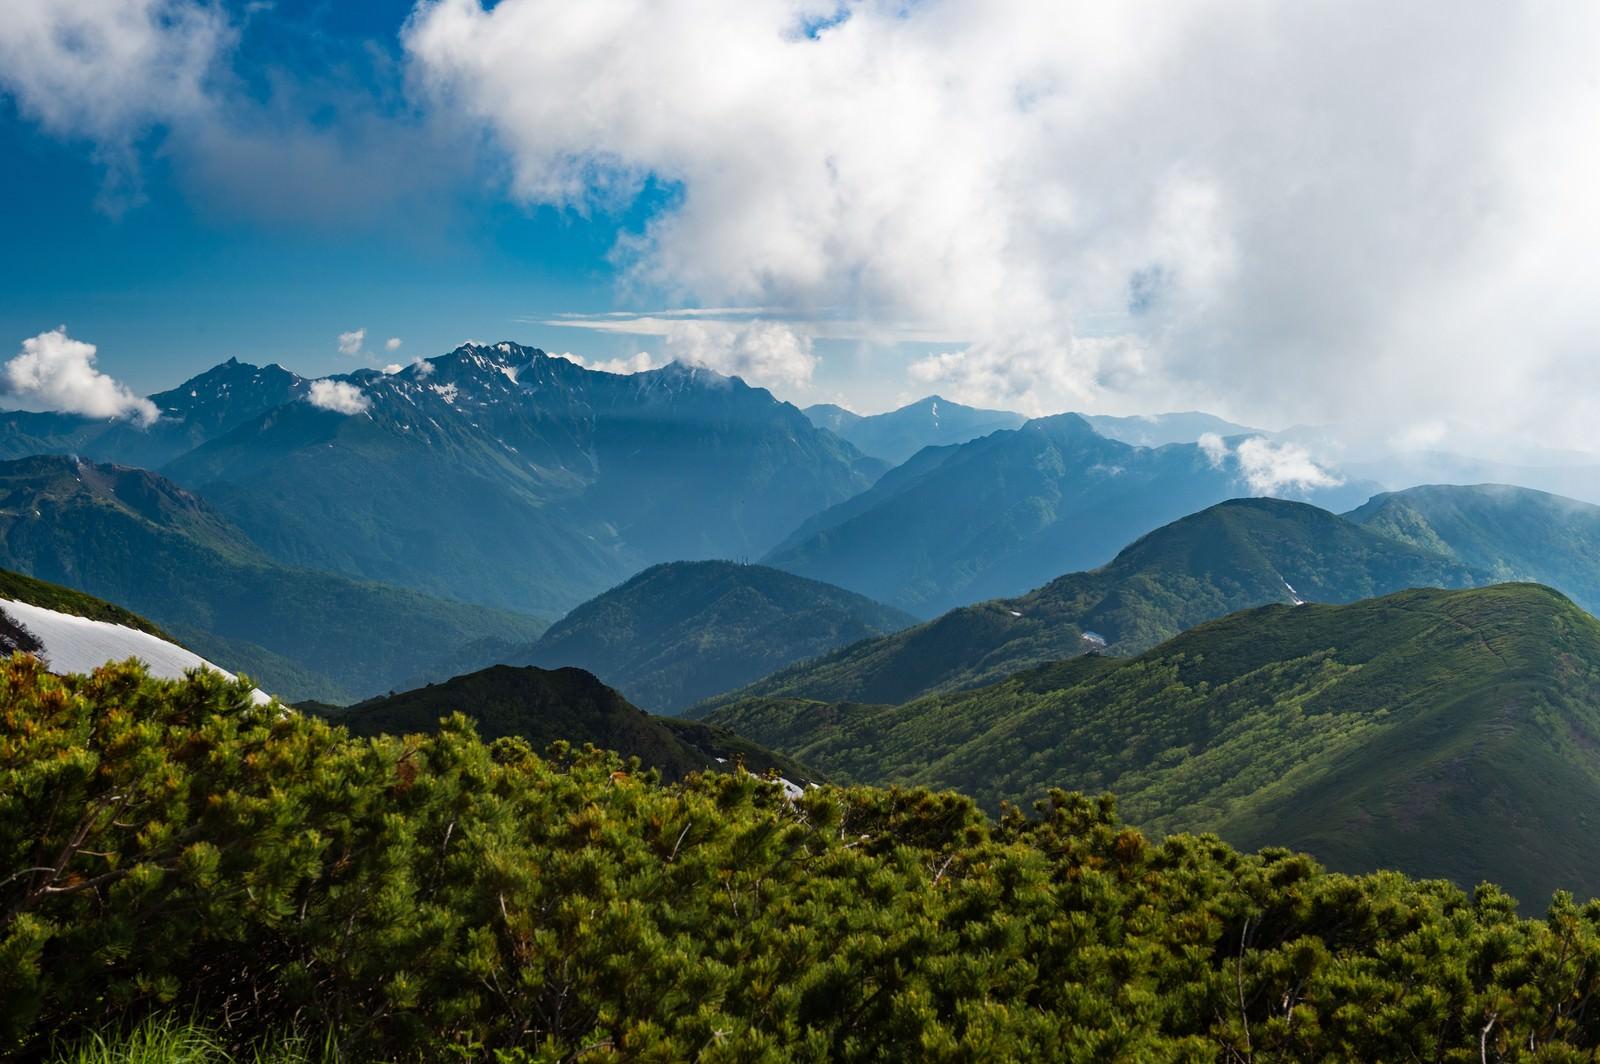 「晴れた日の乗鞍新登山道」の写真